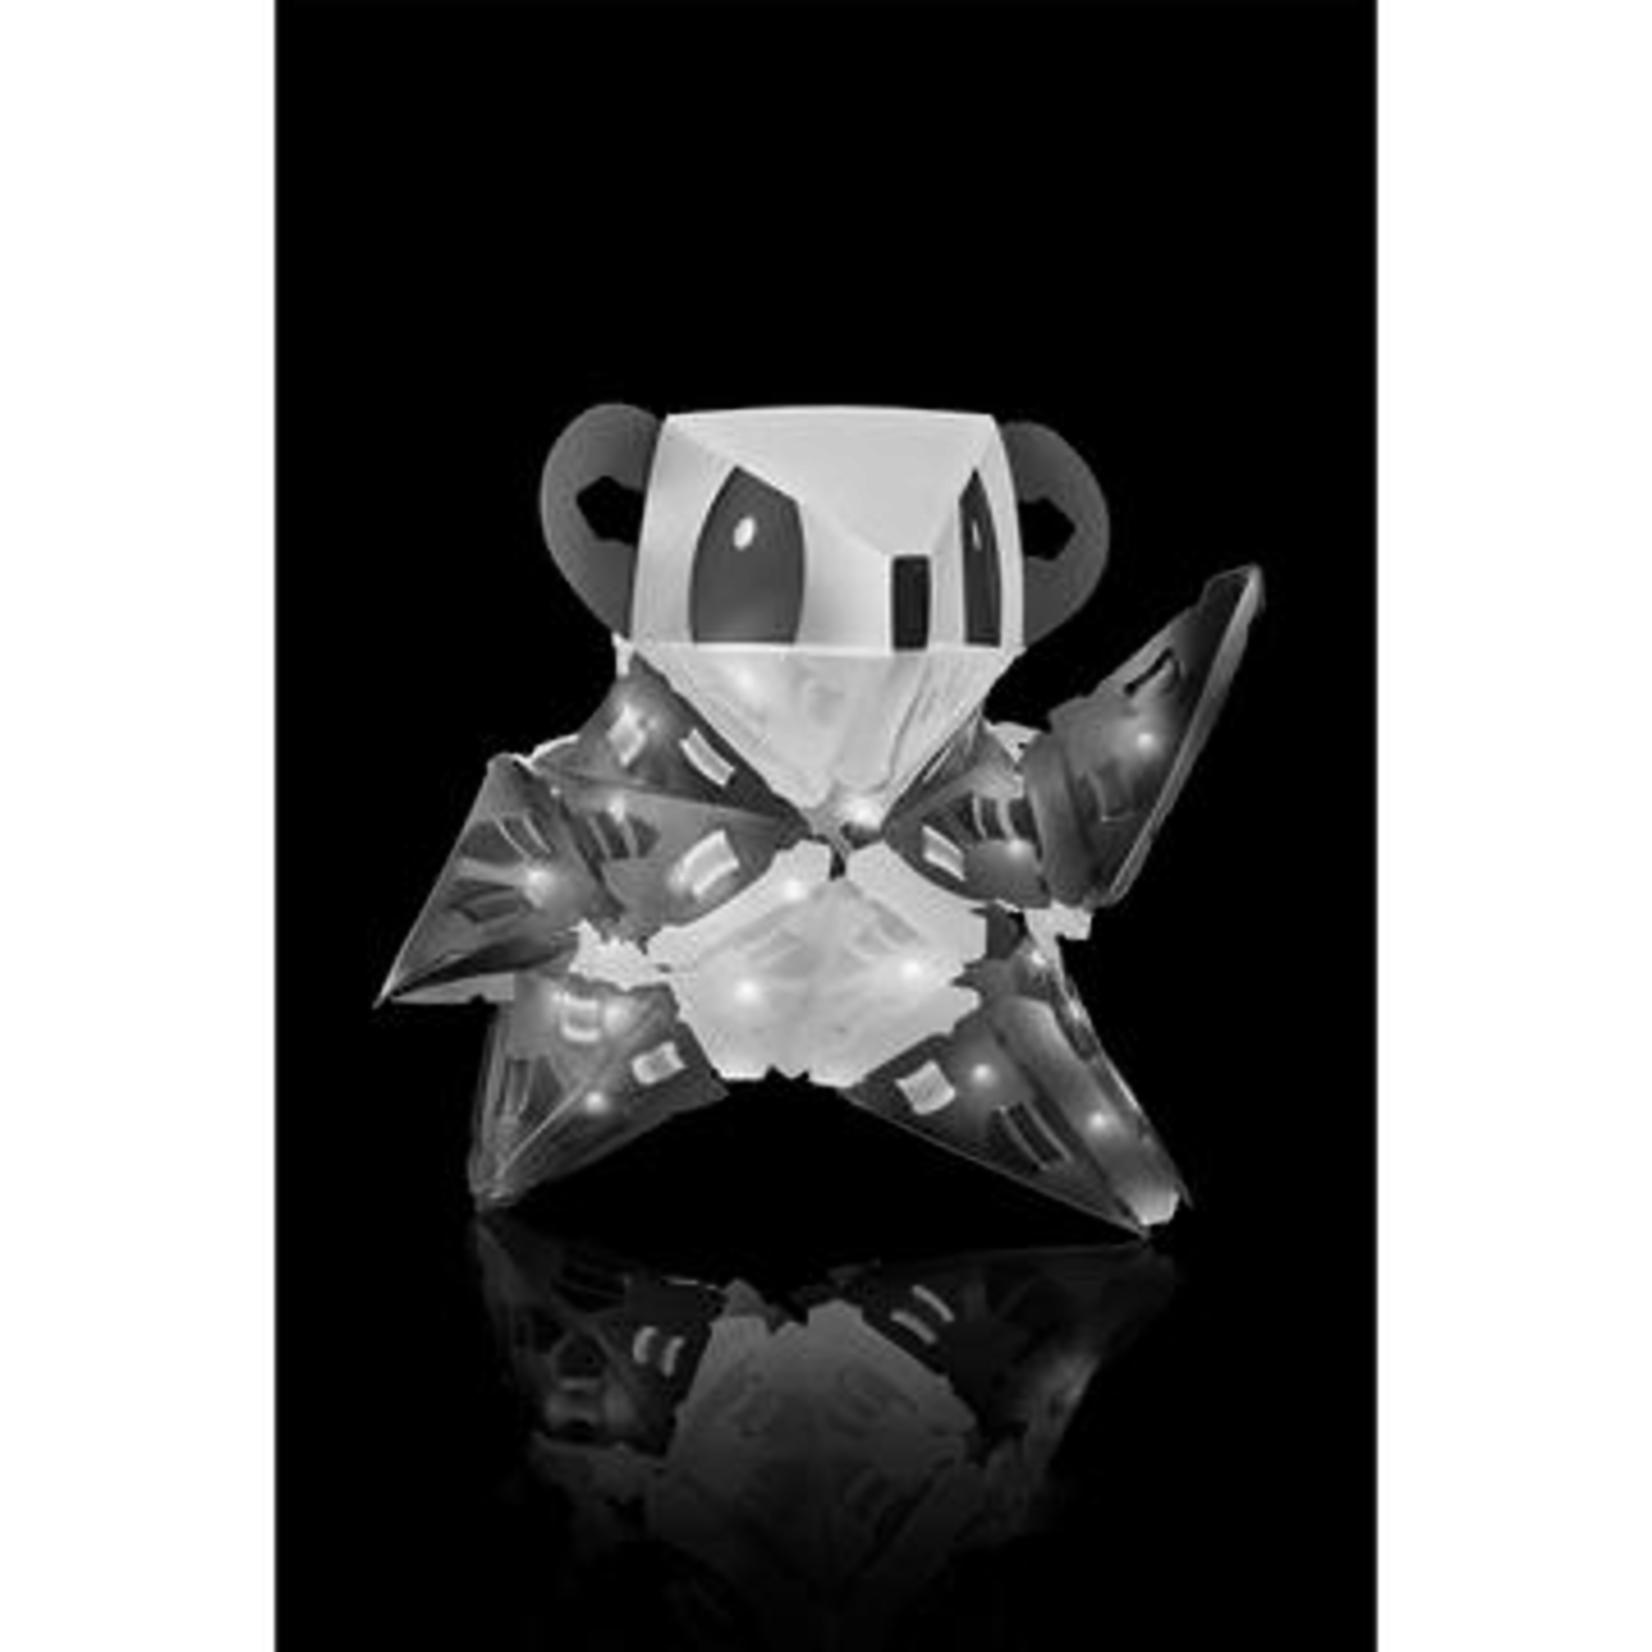 KOSMOS Creatto: Glowing Panda & Monochrome Crew